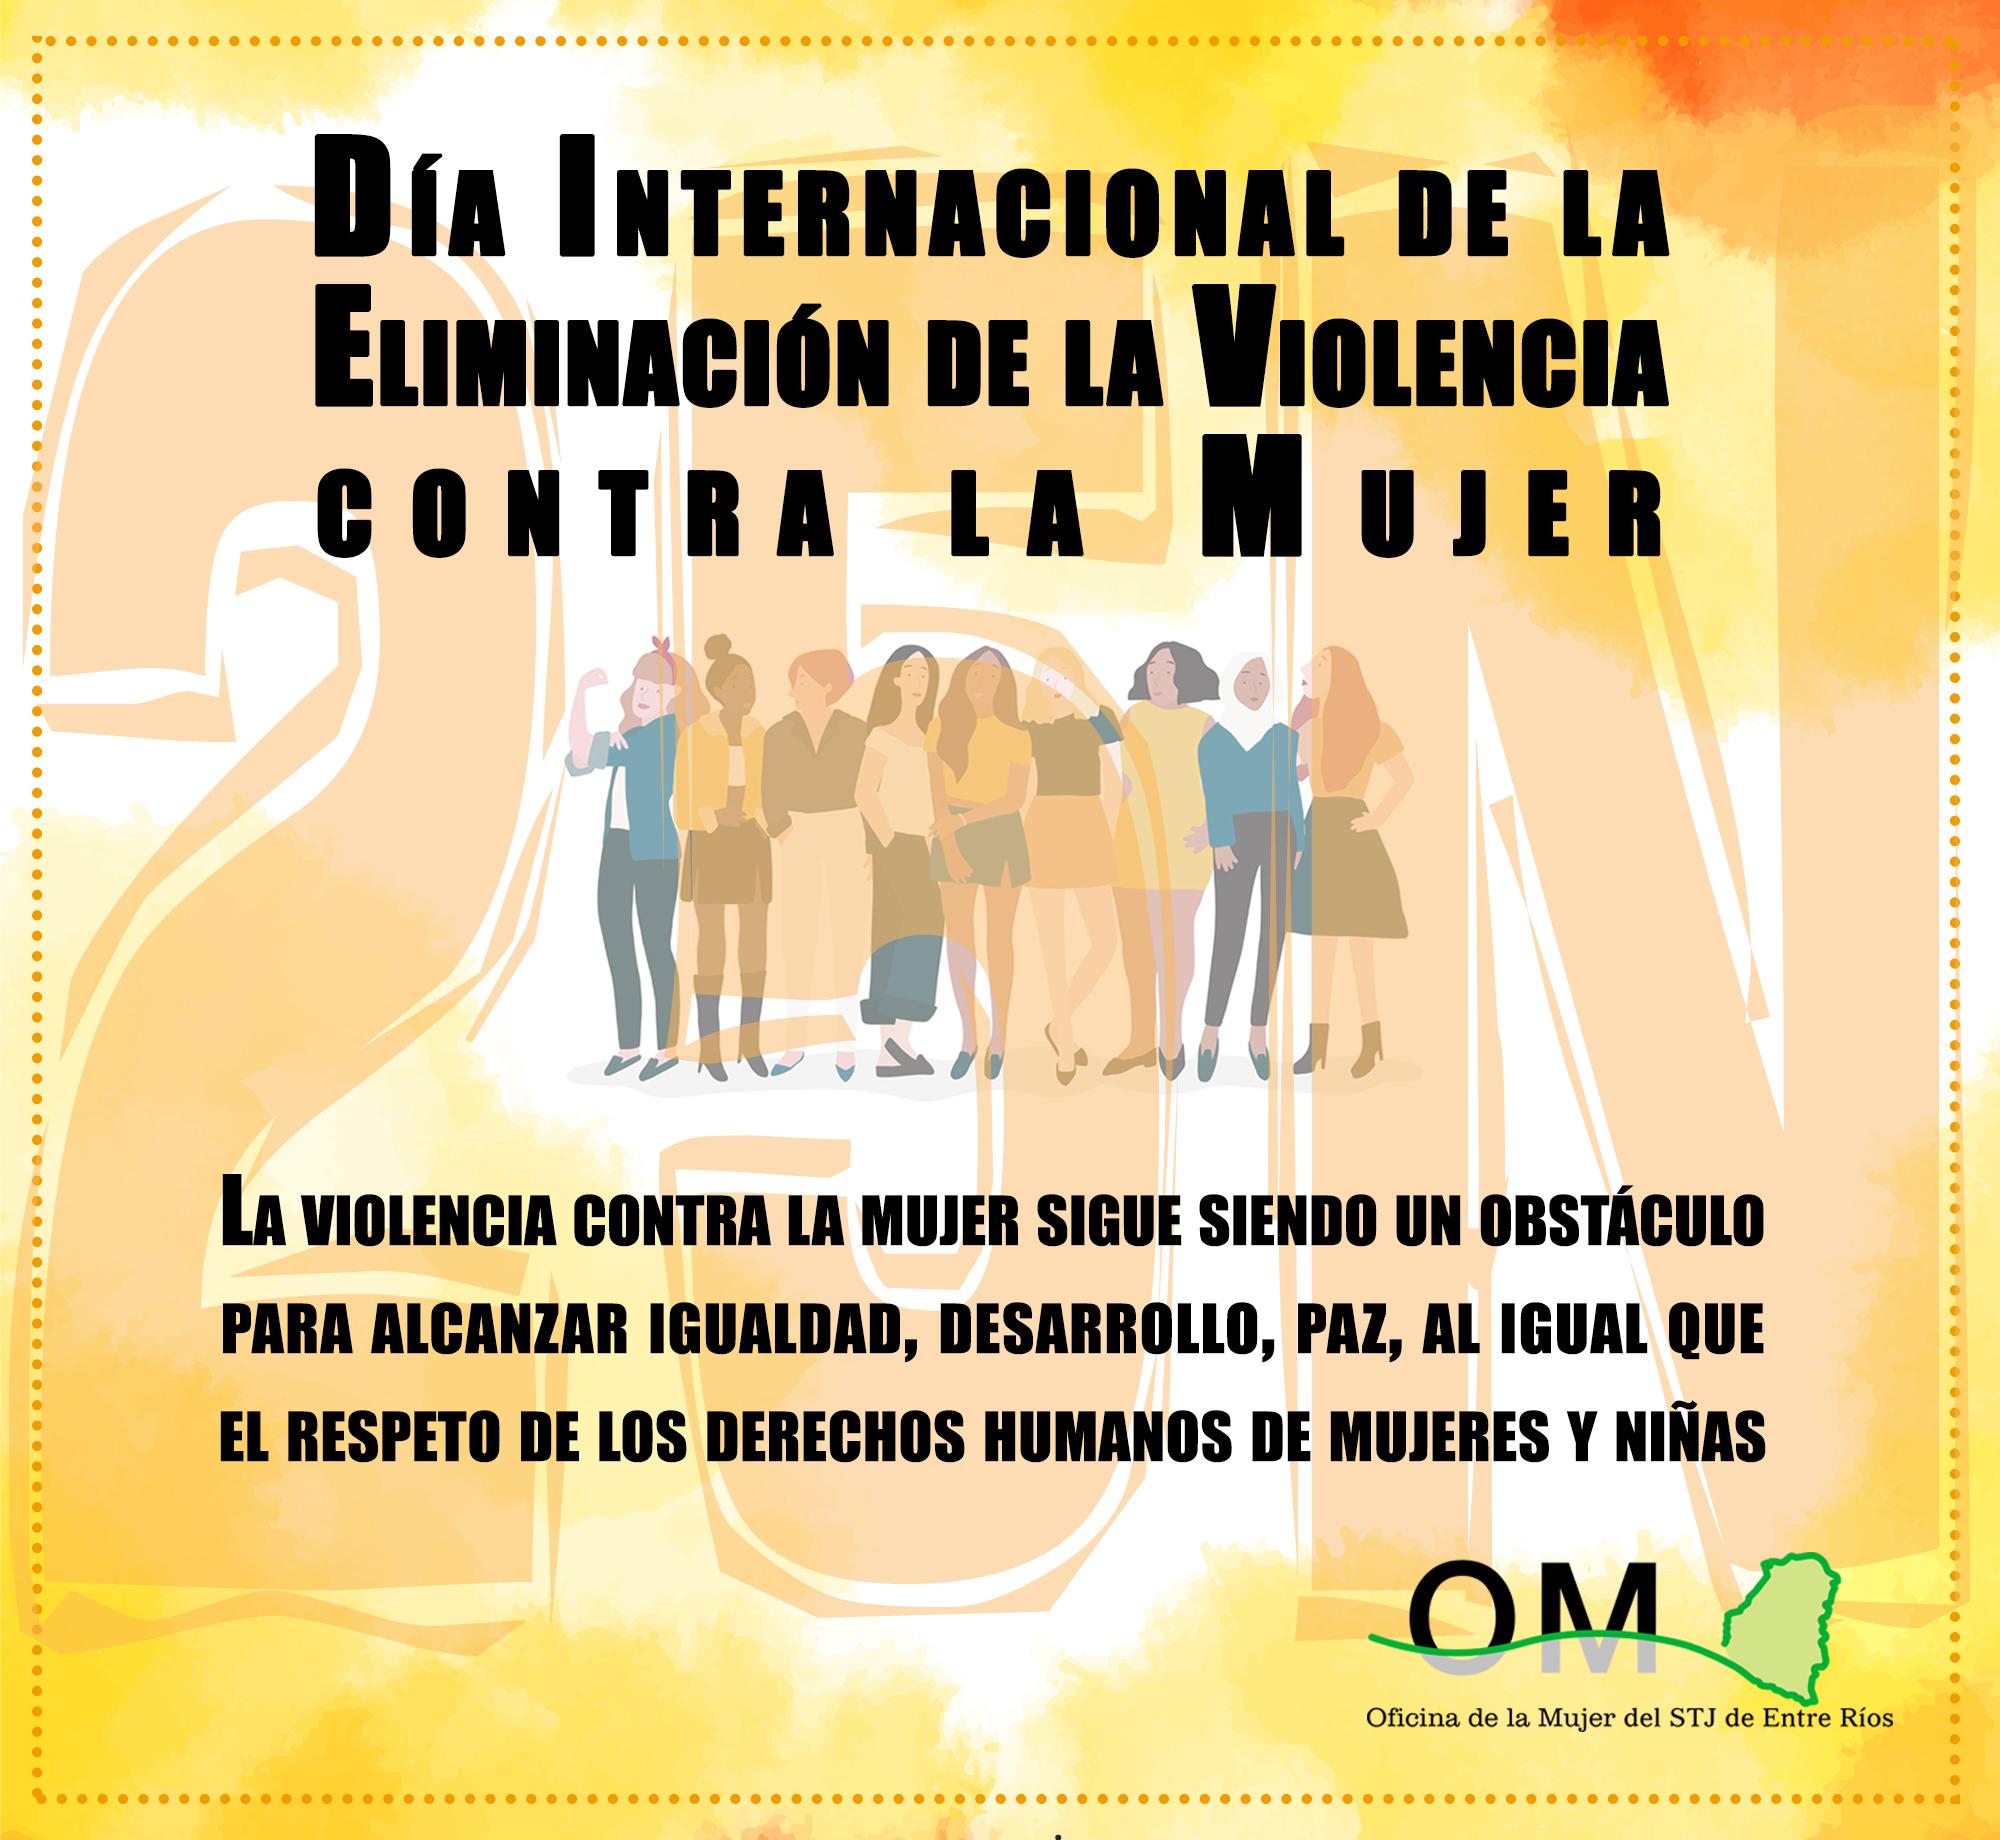 """25 de noviembre: """"Día Internacional de la Eliminación de la Violencia contra la Mujer"""""""